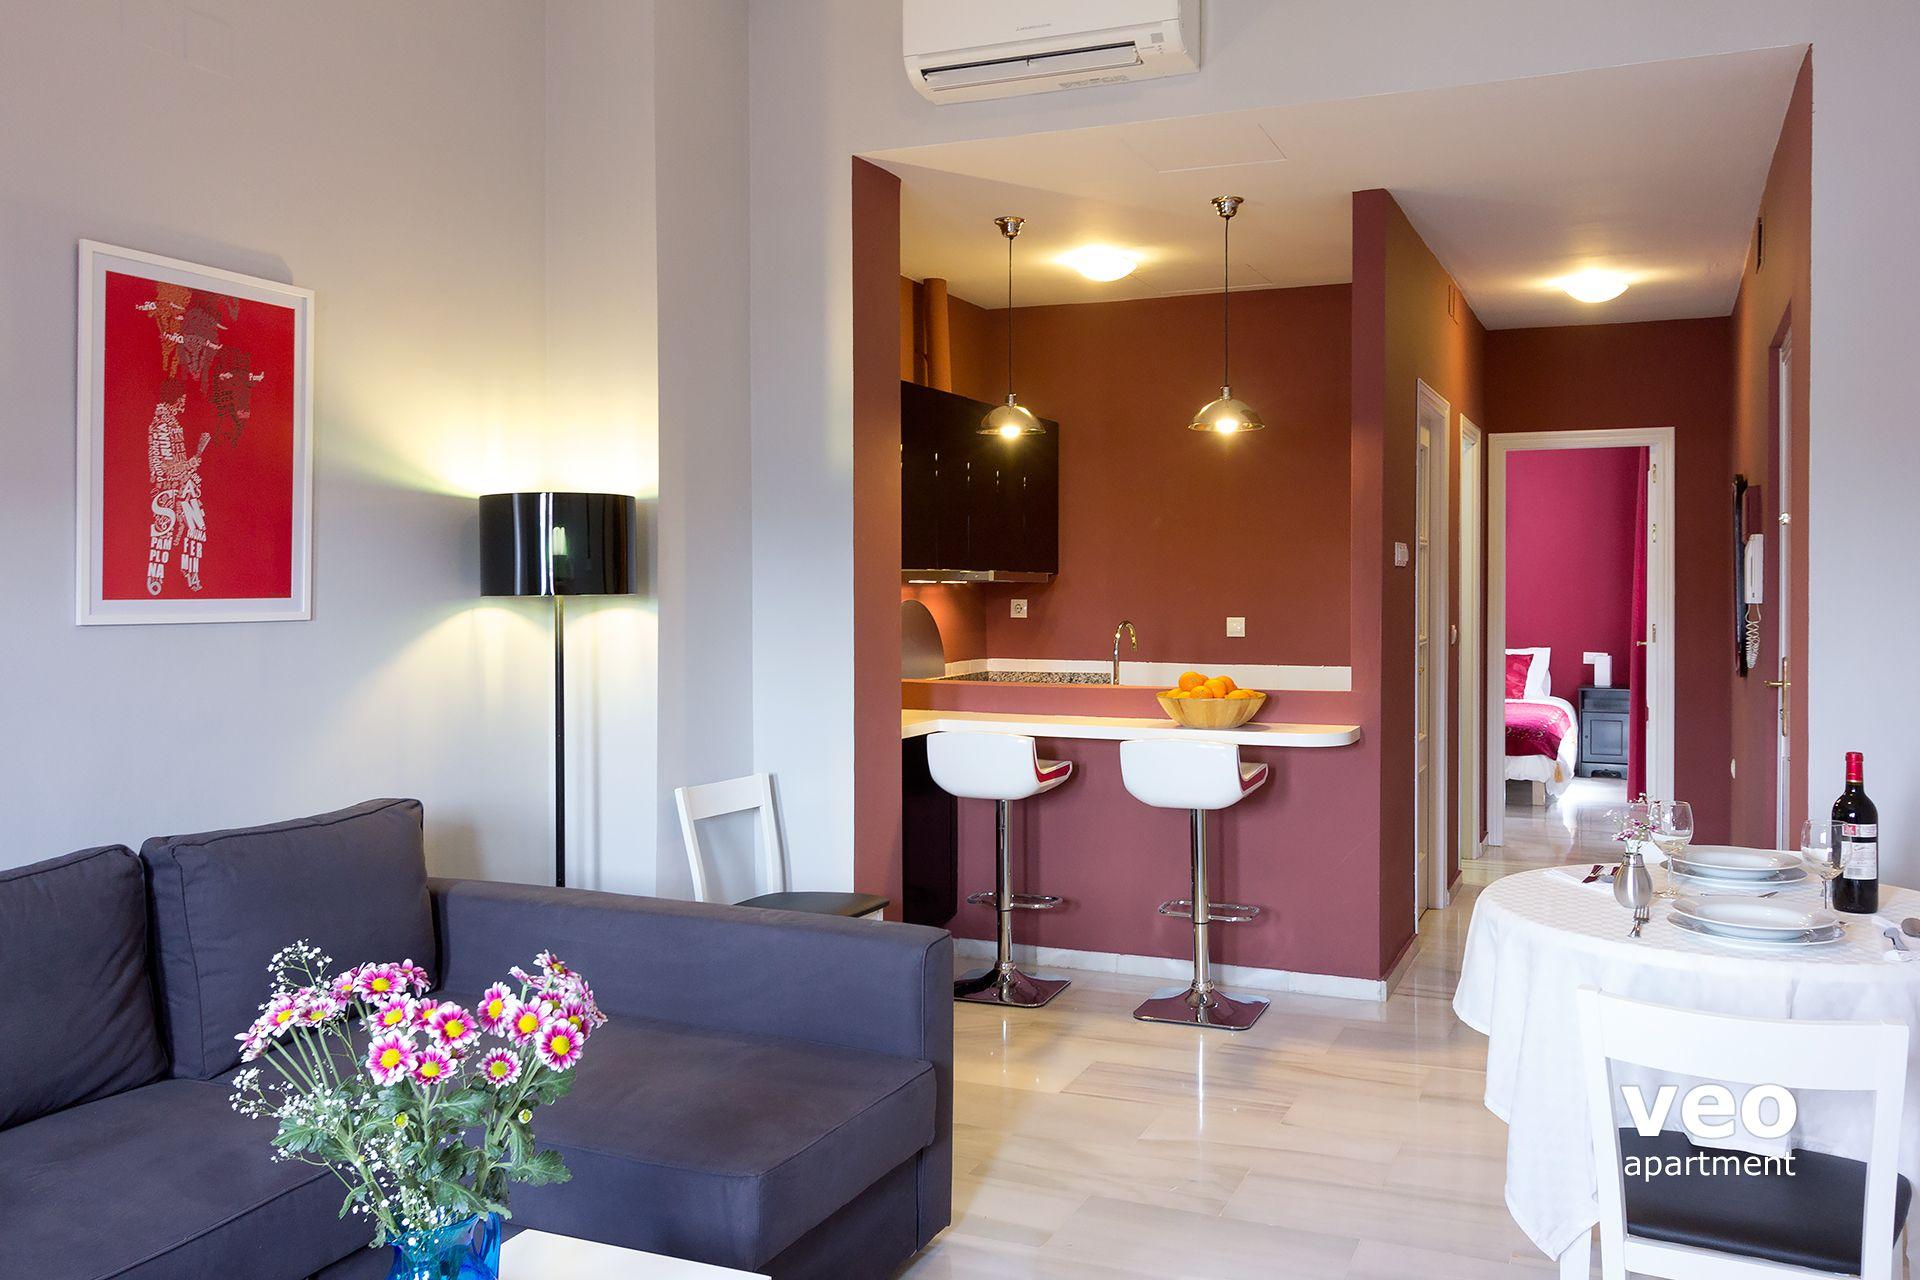 Sevilla apartmento calle pureza sevilla espa a triana for Registro bienes muebles sevilla